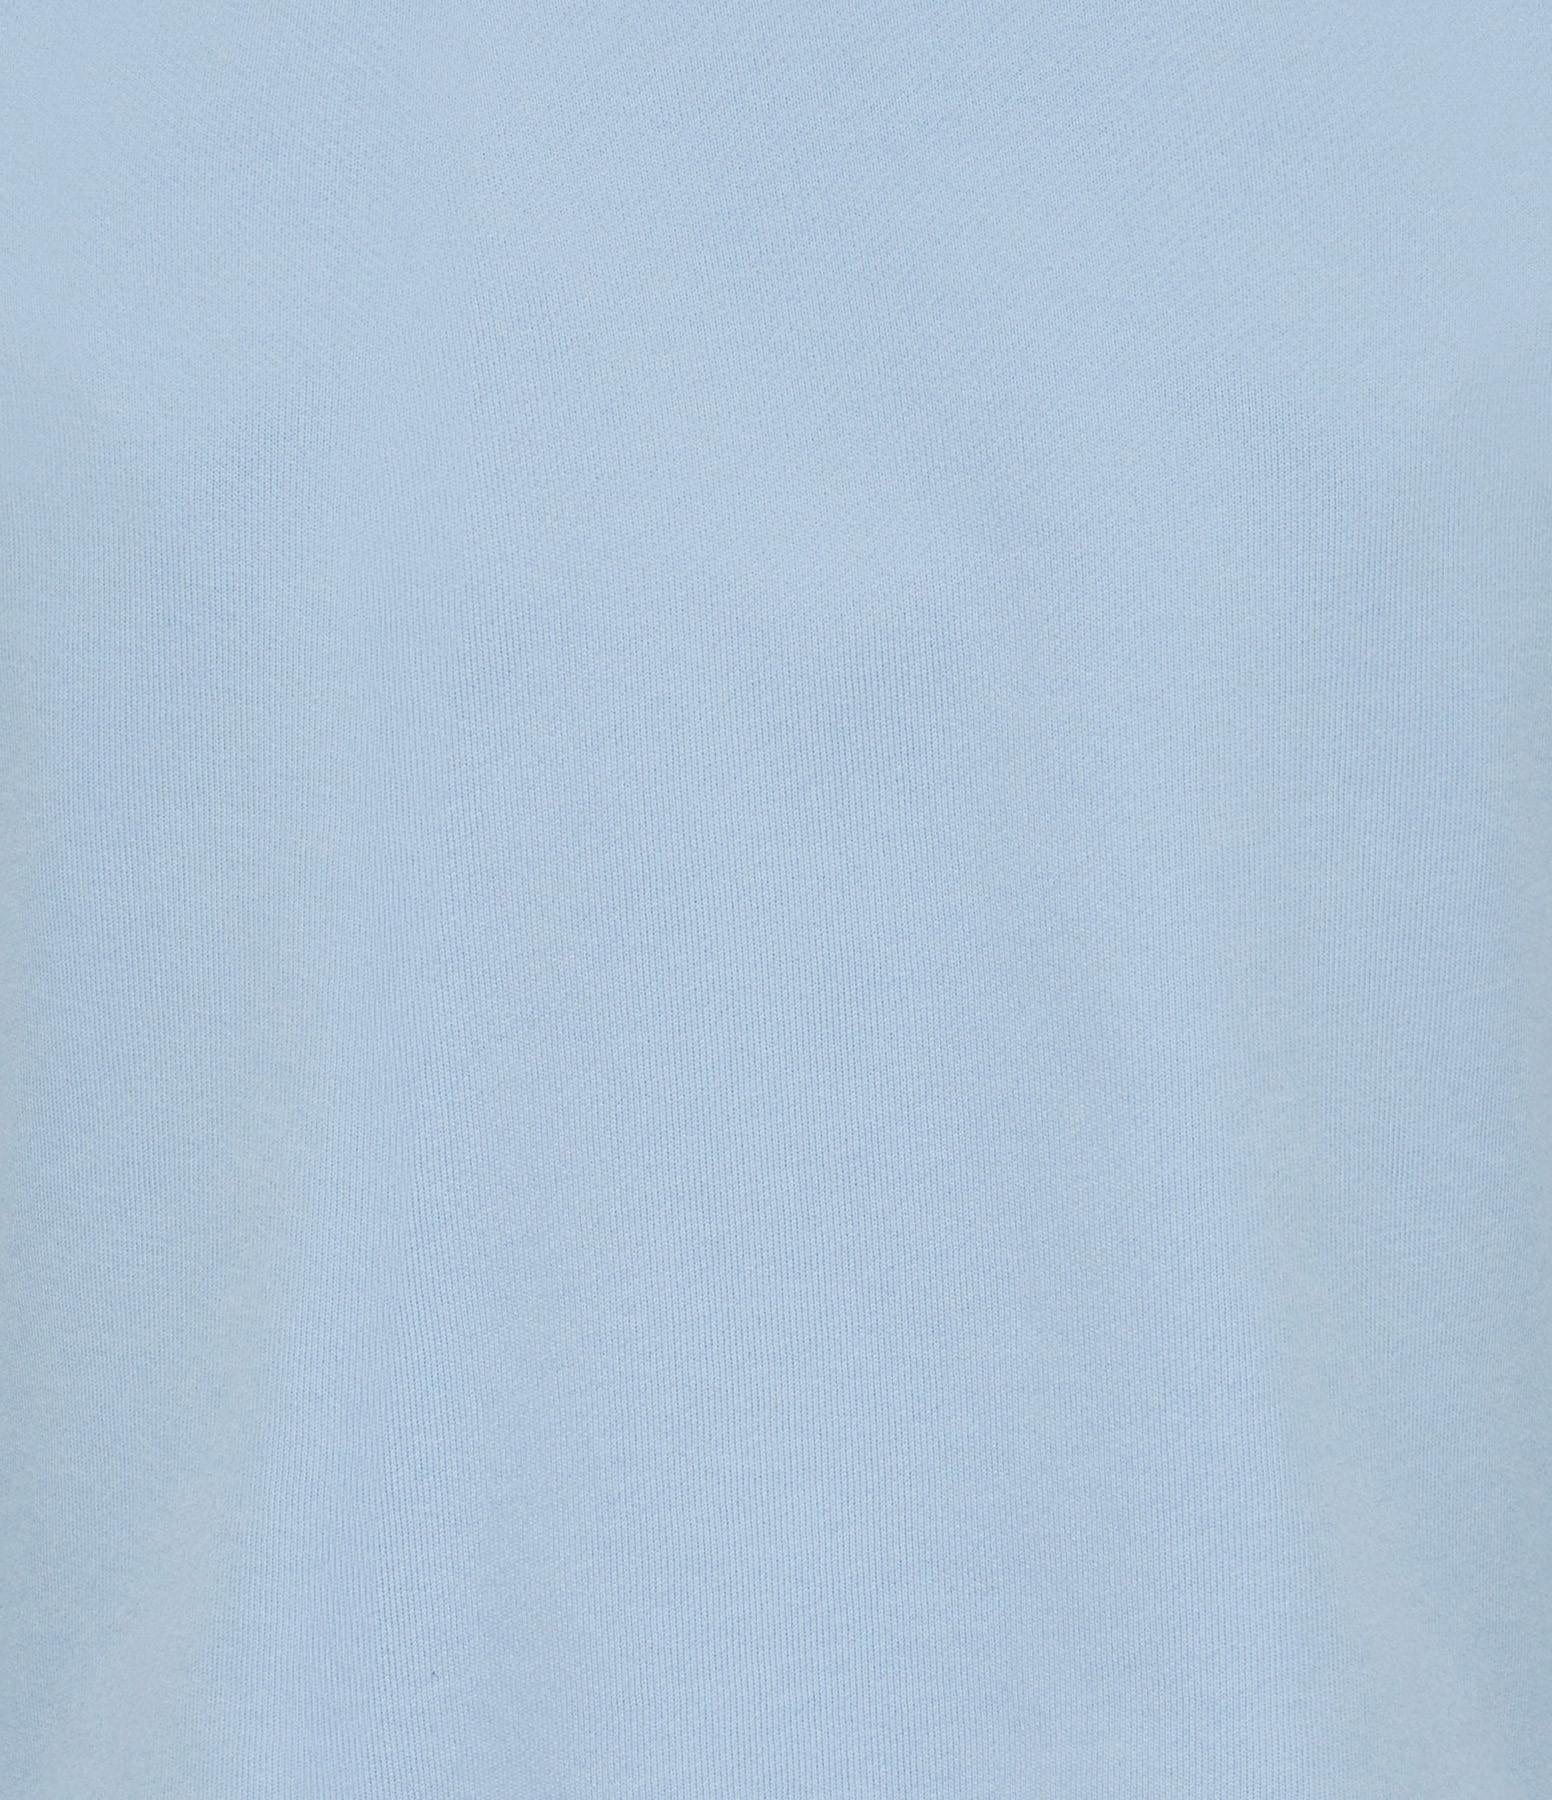 OVERLOVER - Sweatshirt Marvin Bleu